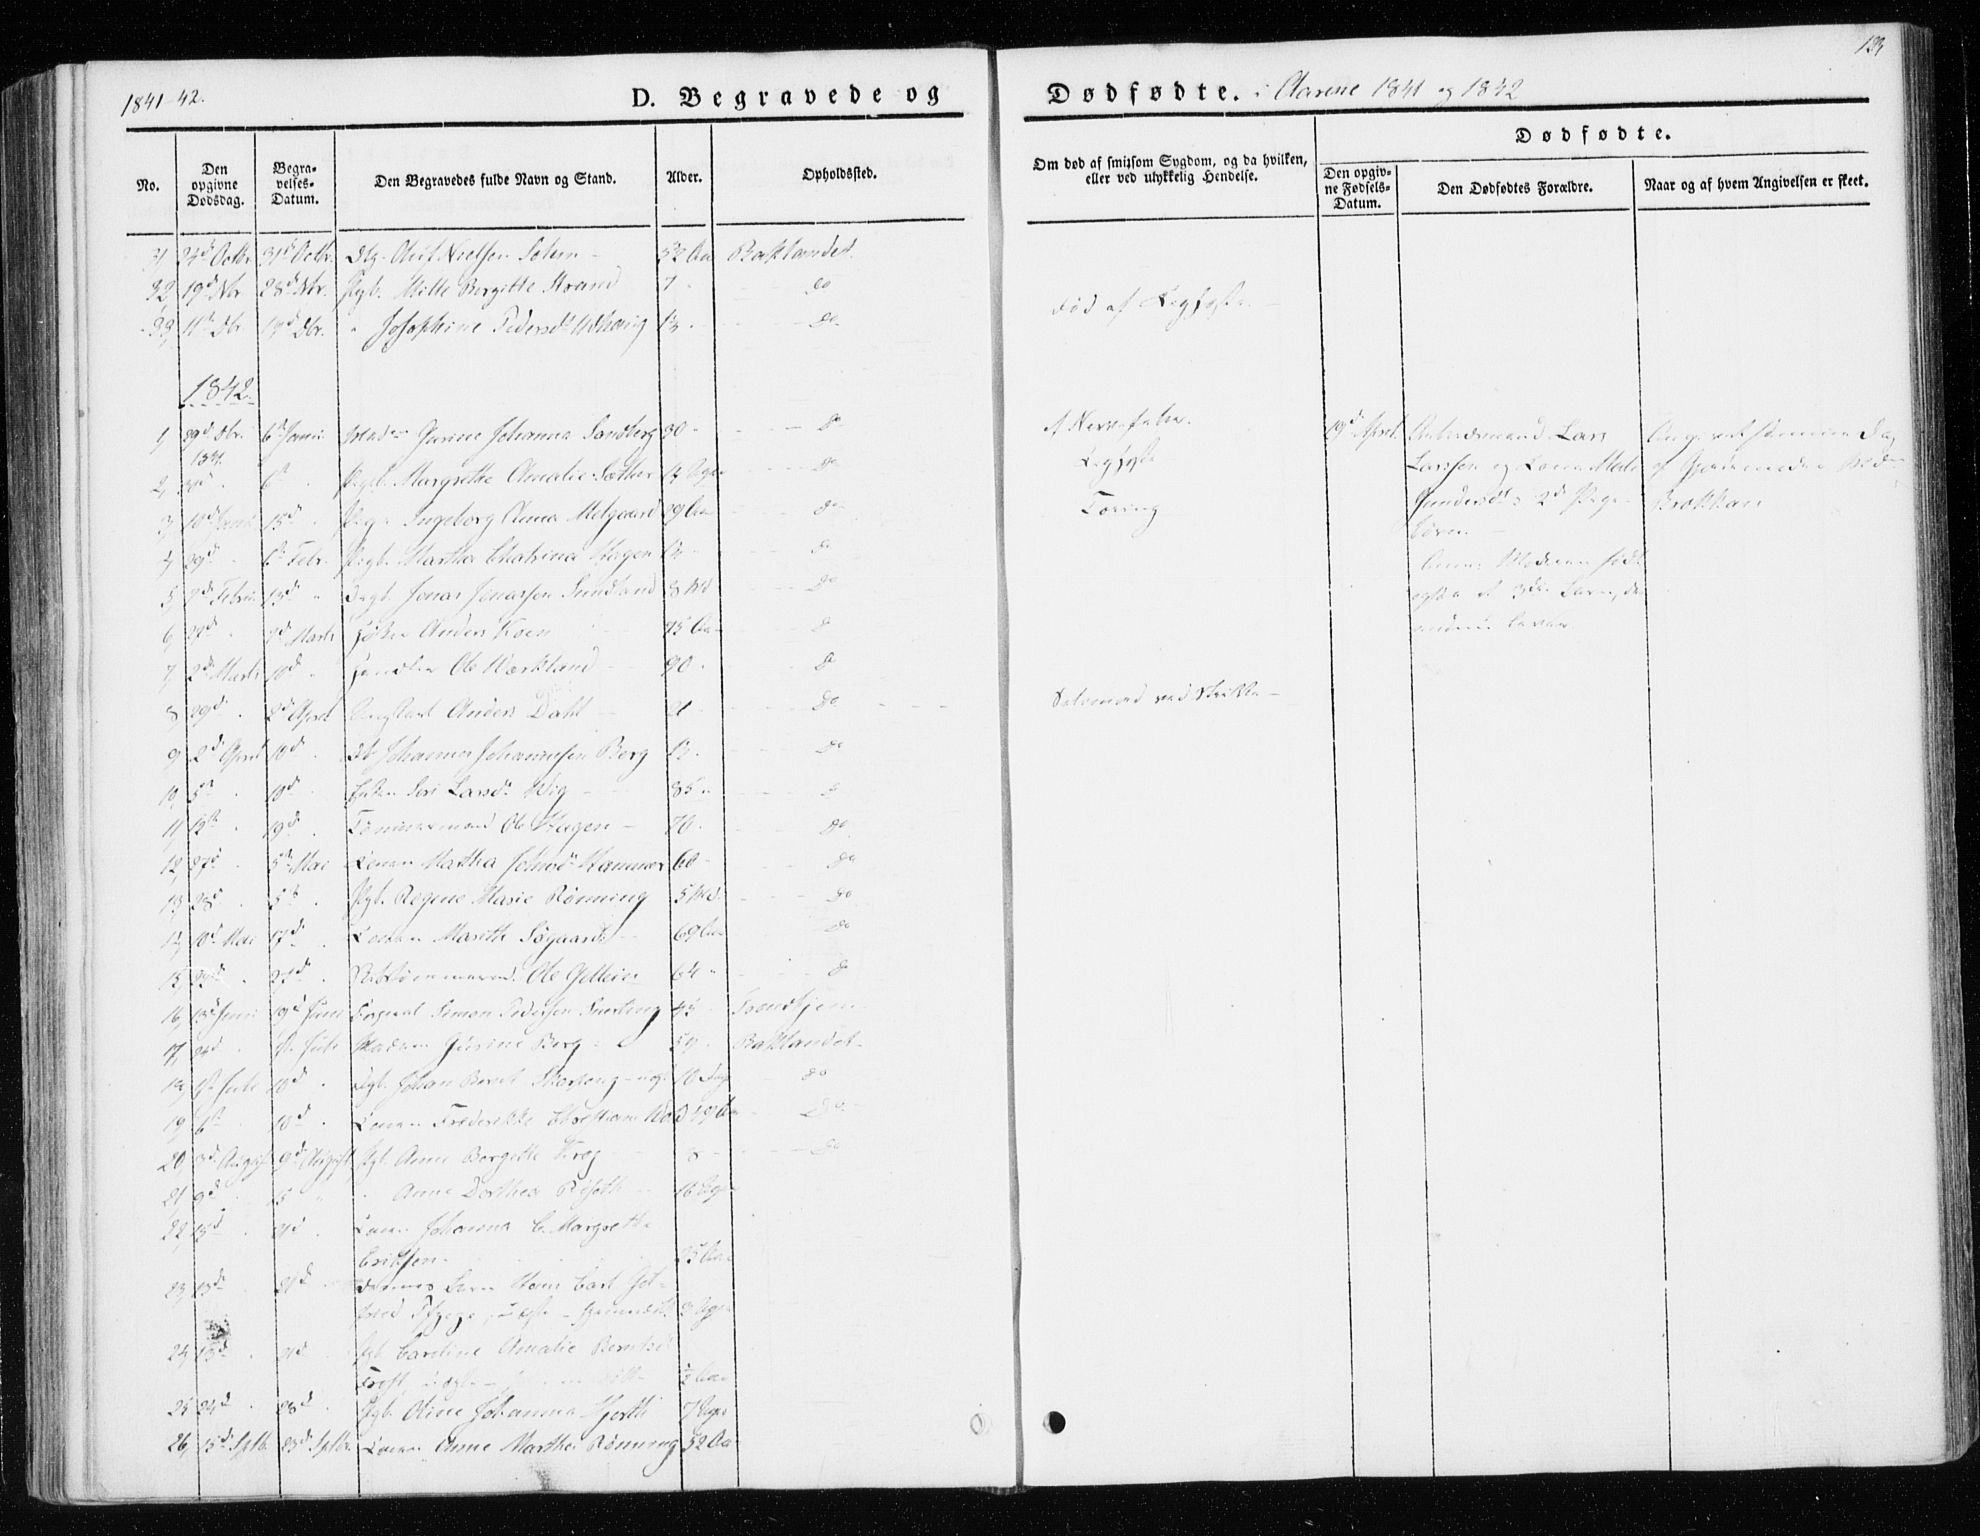 SAT, Ministerialprotokoller, klokkerbøker og fødselsregistre - Sør-Trøndelag, 604/L0183: Ministerialbok nr. 604A04, 1841-1850, s. 123